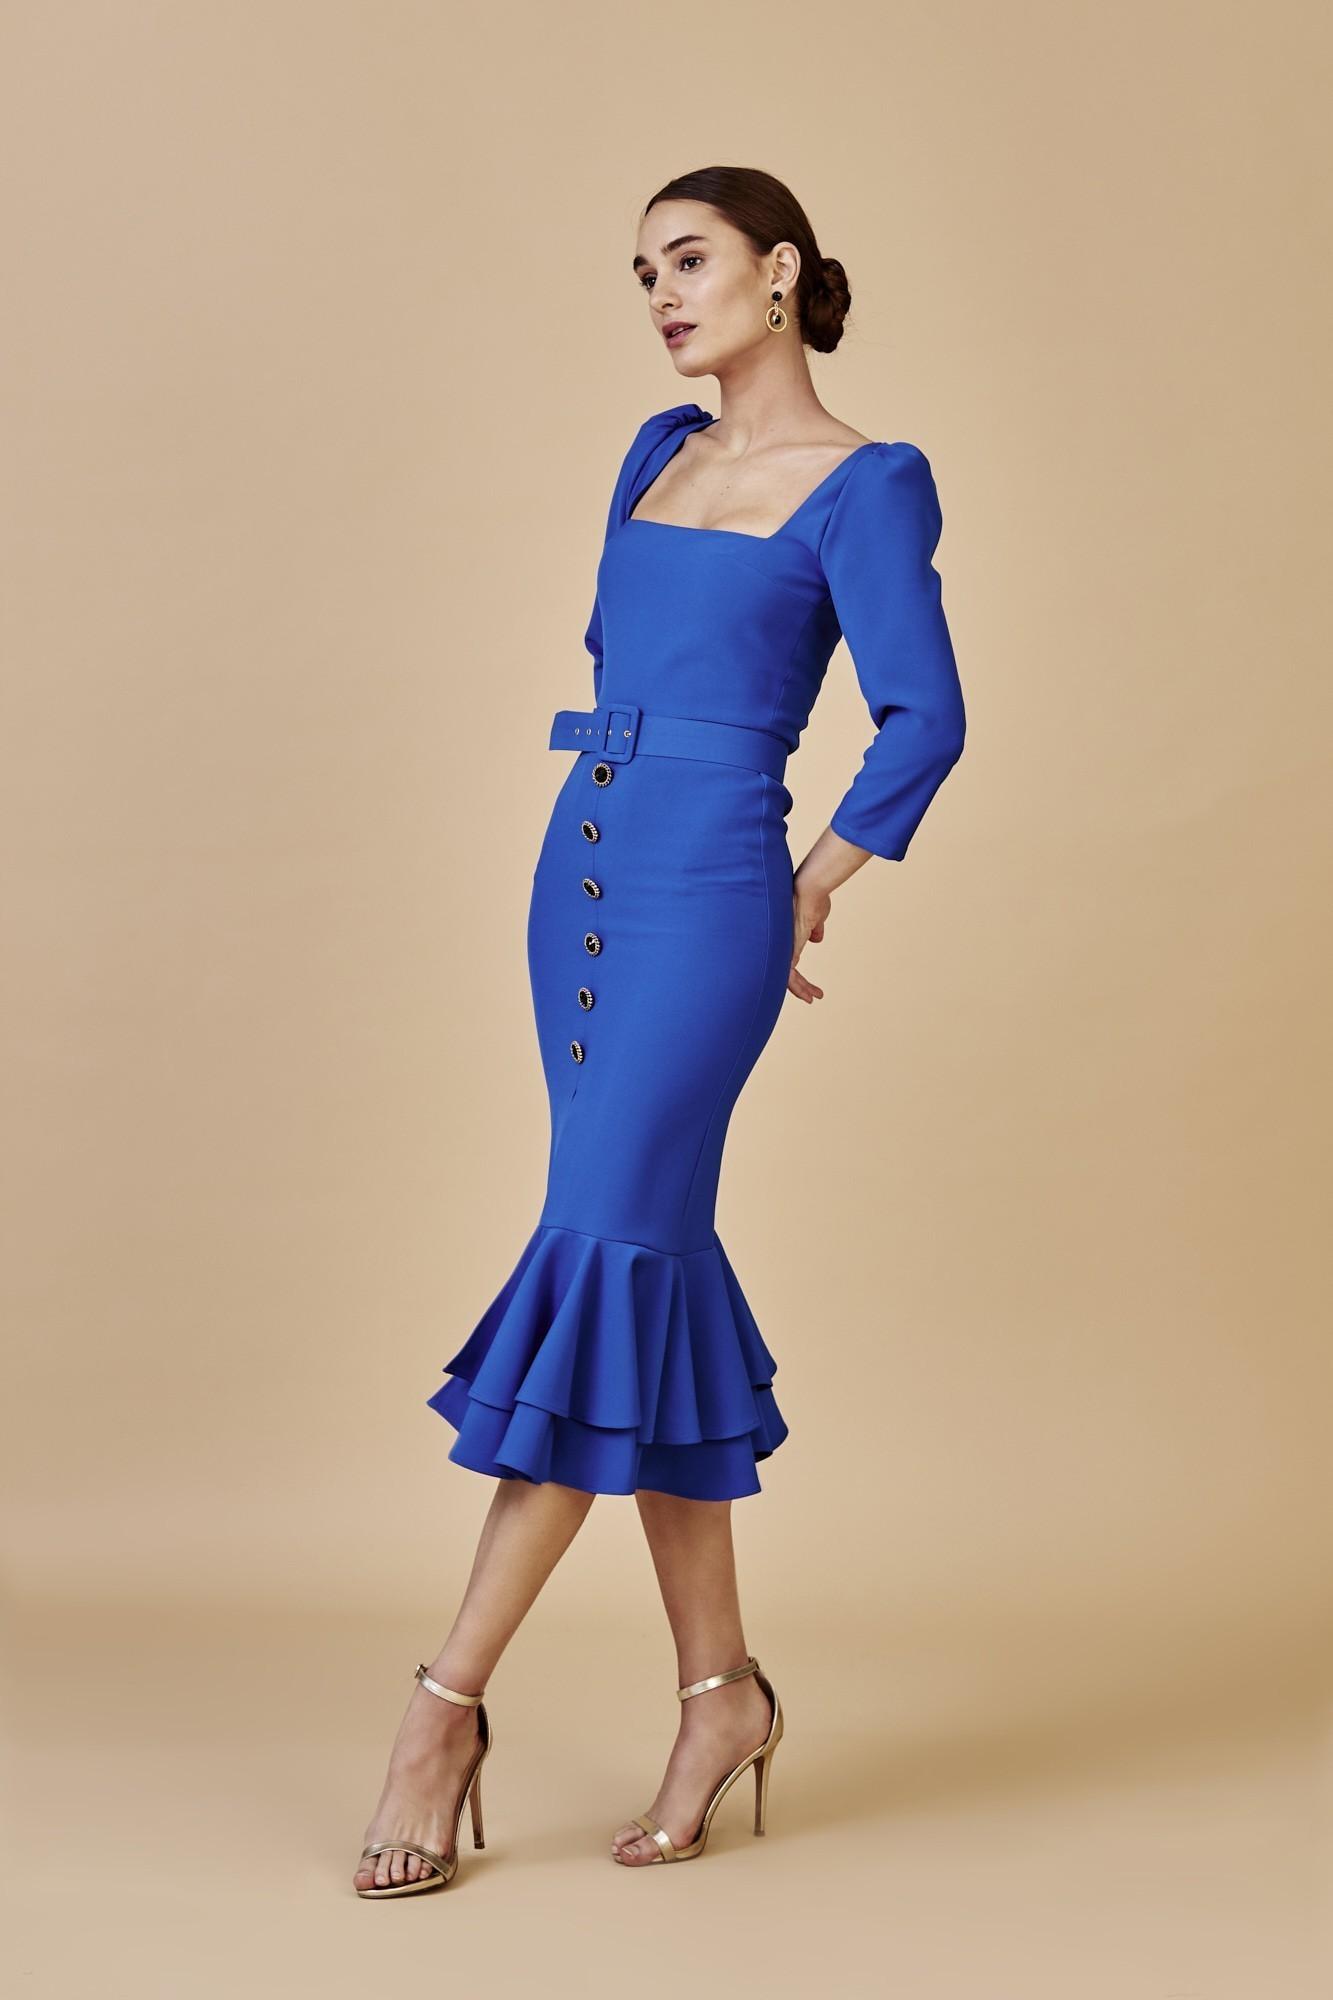 LIDIA BLUE DRESS